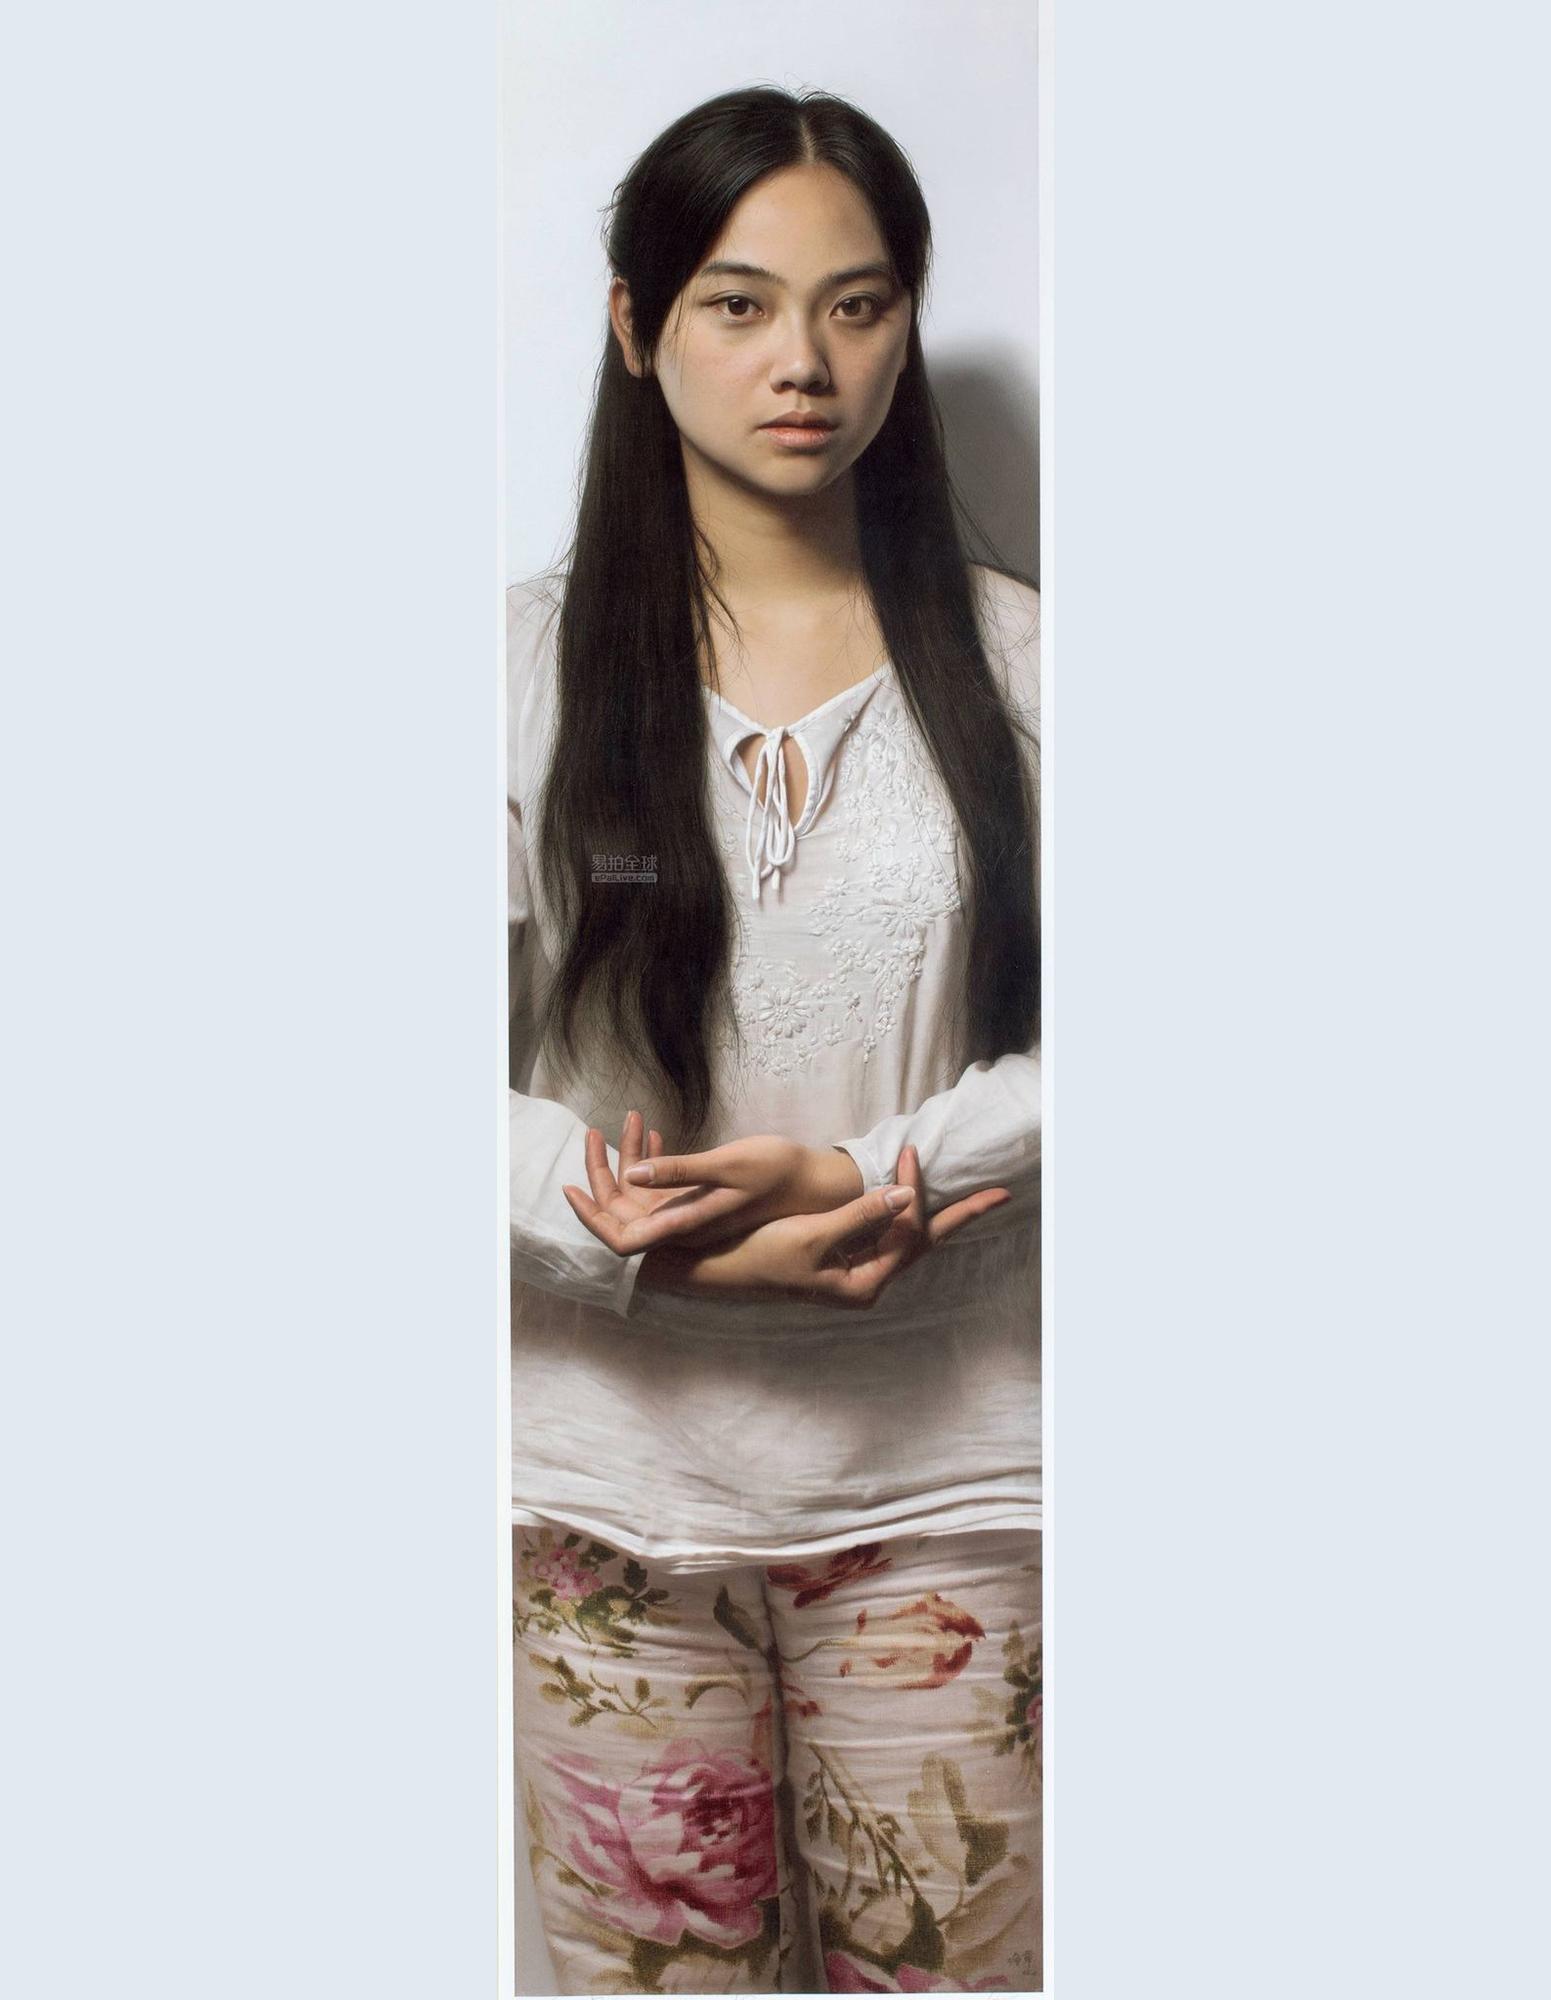 Tại cuộc đấu giá mùa thu của Poly ở Bắc Kinh, bức Chân dung Tiểu La được bán với giá 31,36 triệu NDT (4,9 triệu USD).Tiểu La là chân dung về vợ của họa sĩ Lãnh Quân. Cô tên La Min, sinh năm 1981 tai Trùng Khánh. Cô tốt nghiệp Đại học Giang Hán.